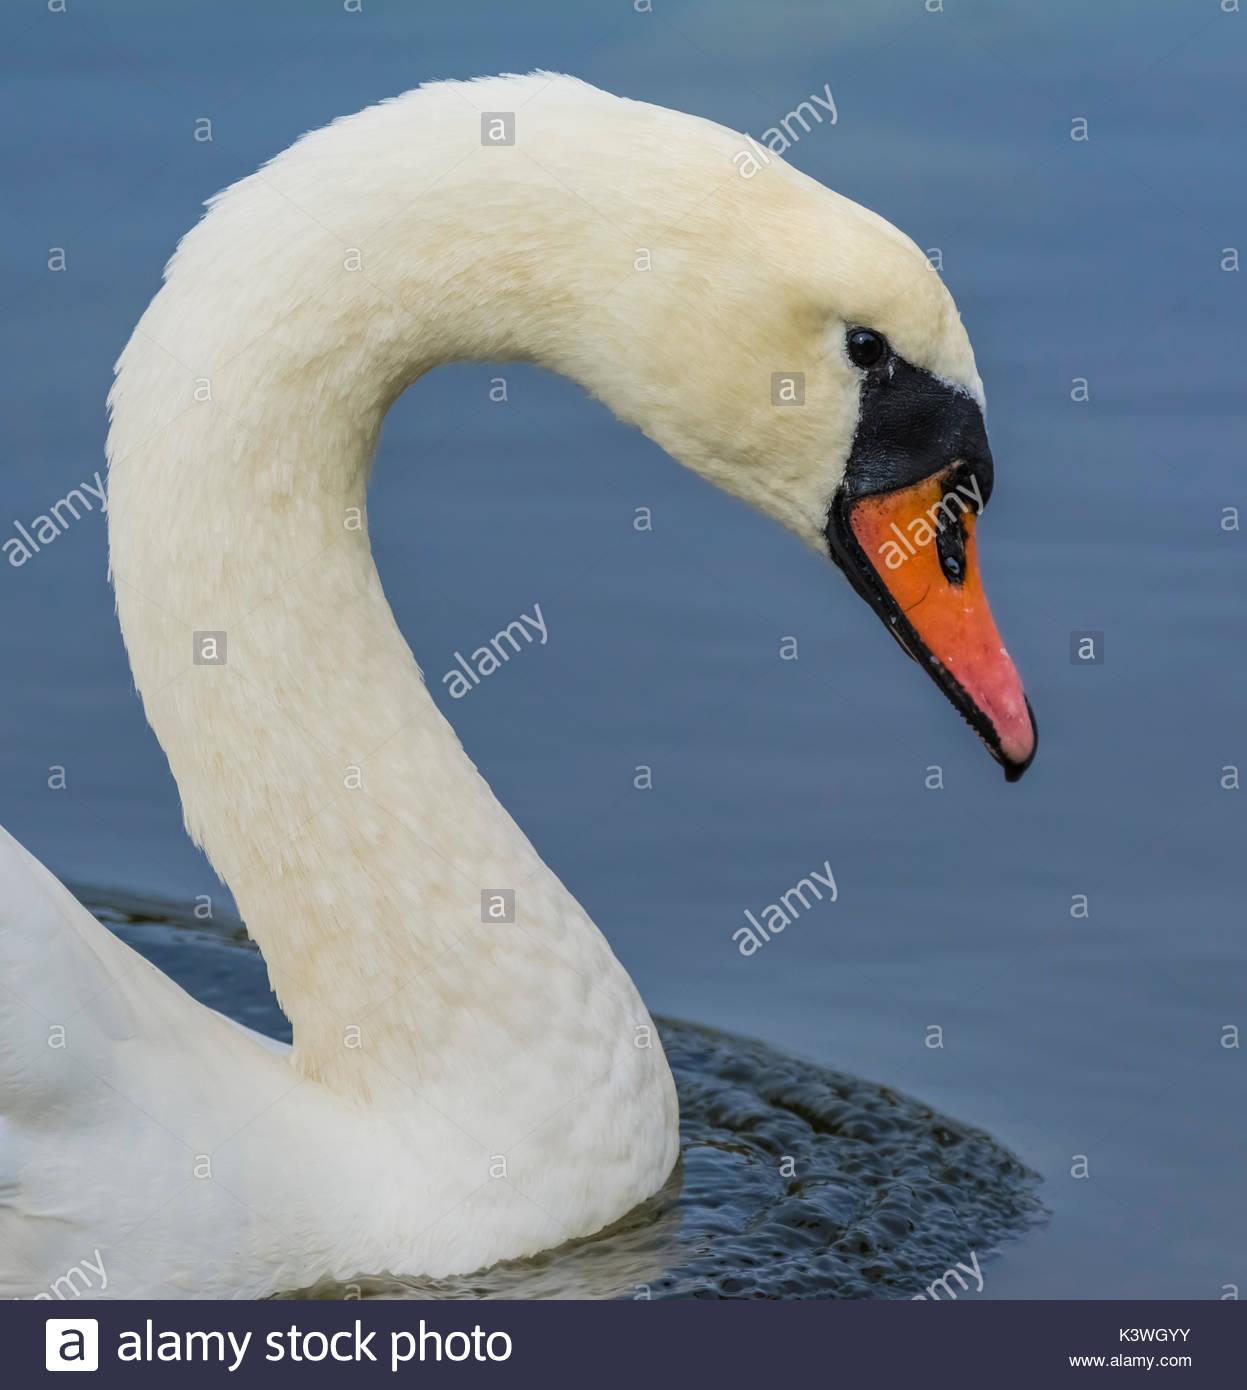 Cisne Blanco (Cygnus olor) cabeza y cuello de la vista lateral, nadando en el agua azul en calma en el Reino Unido, en vertical. Imagen De Stock